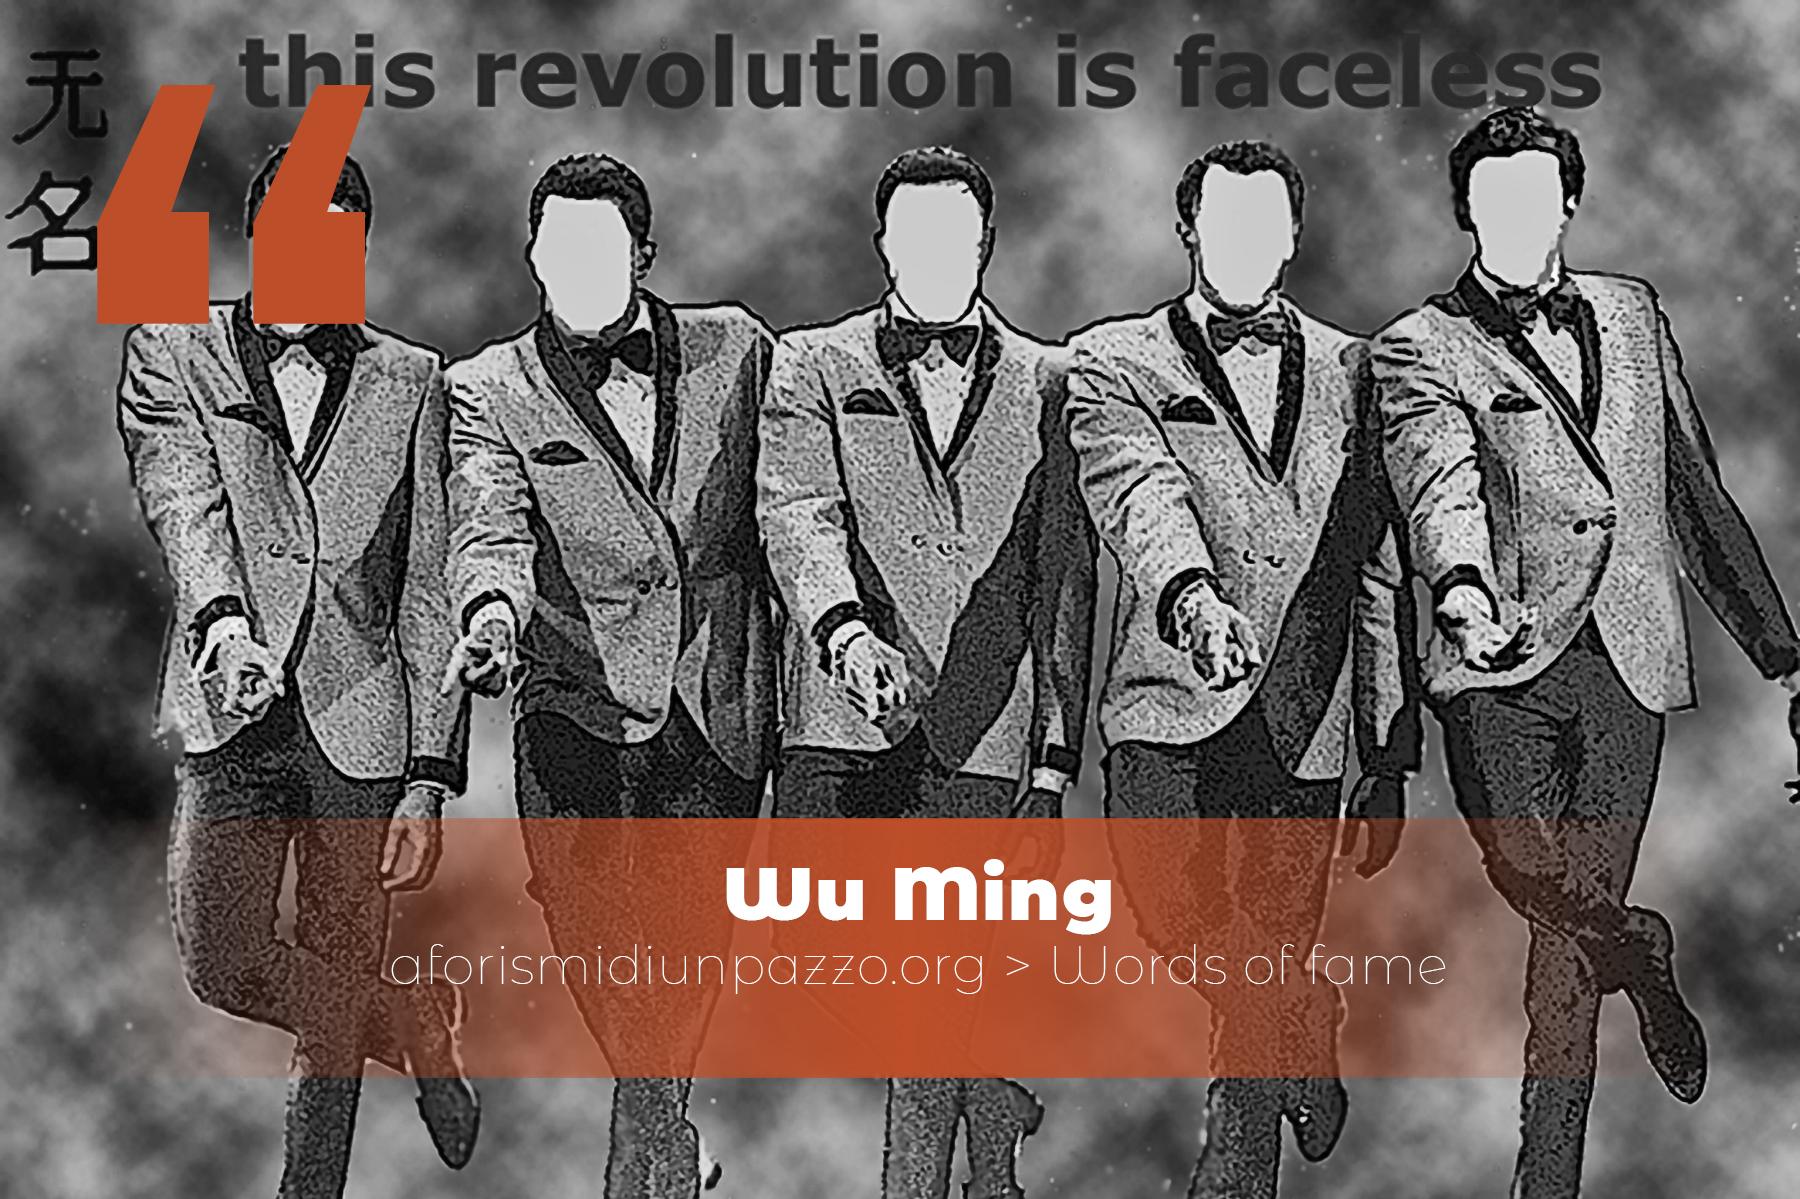 citazioni di wu ming